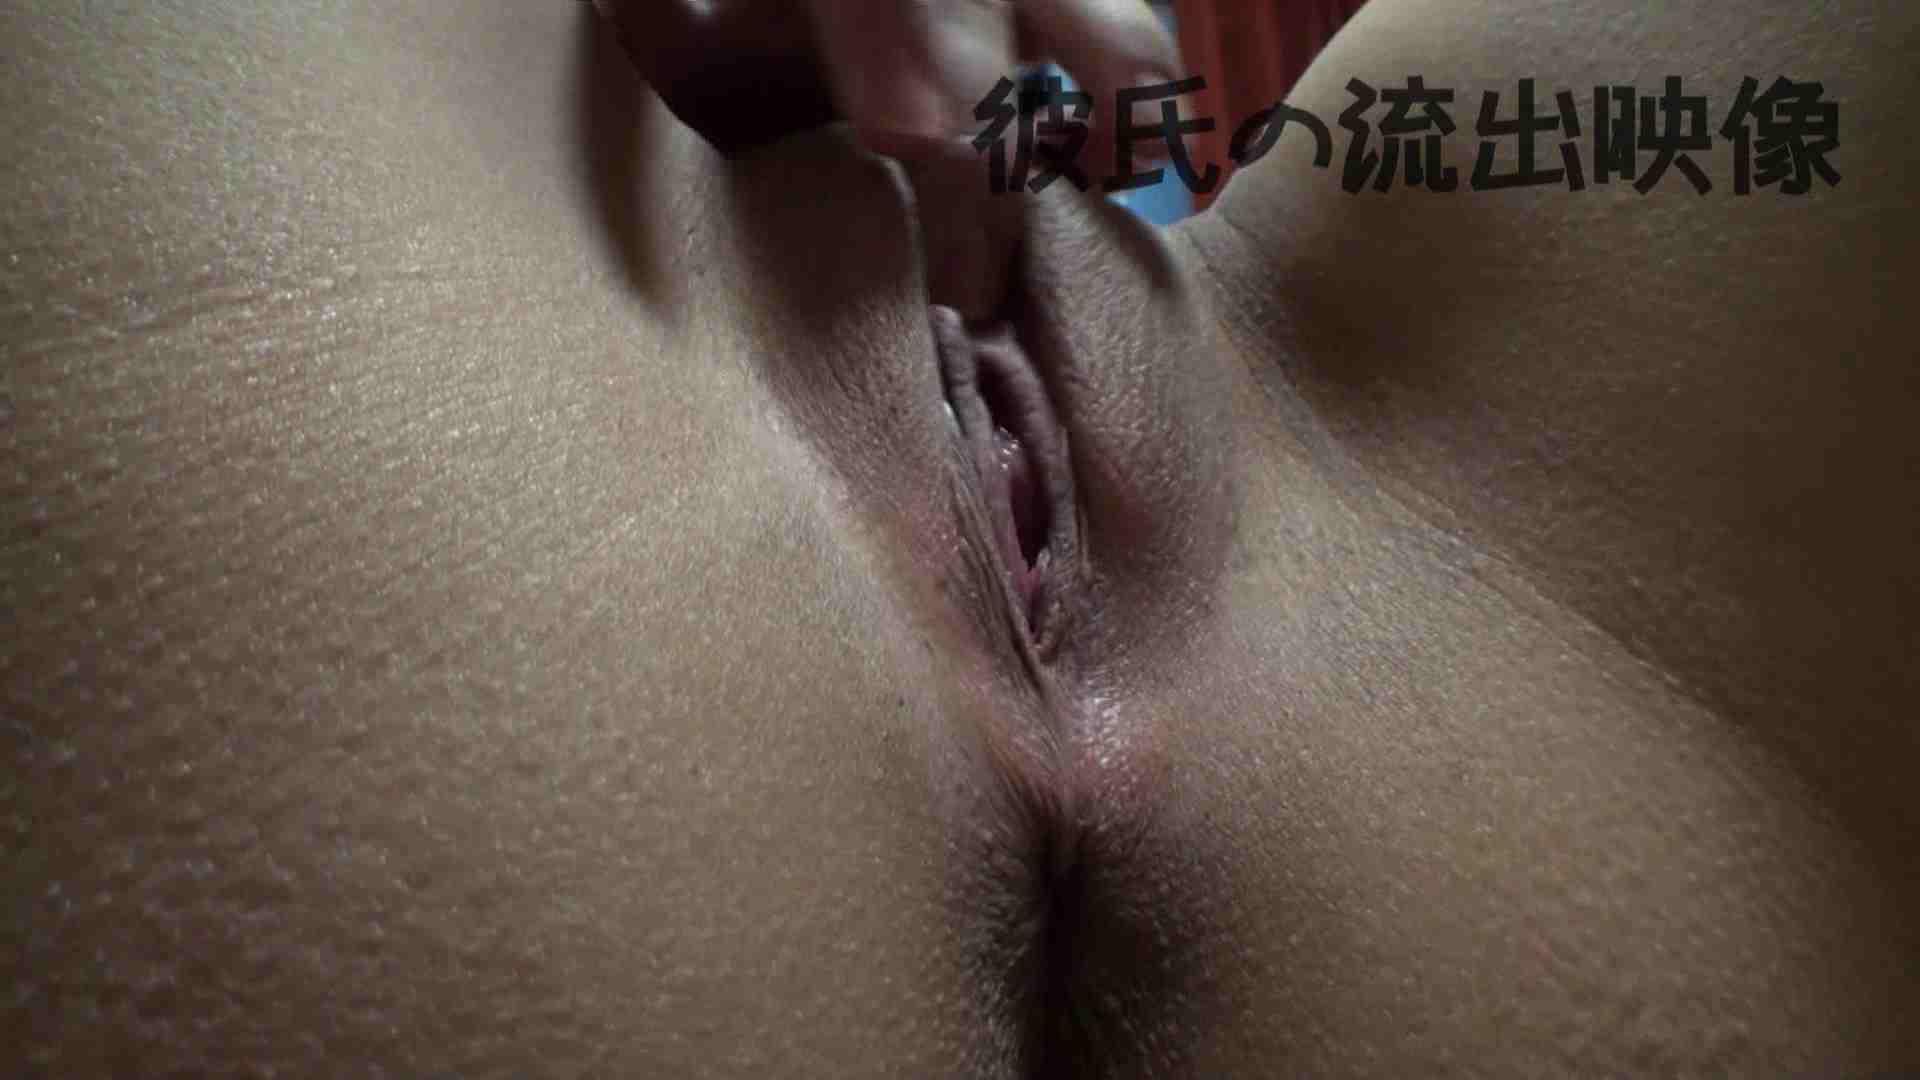 彼氏が流出 パイパン素人嬢のハメ撮り映像04 パイパン   素人  53pic 27